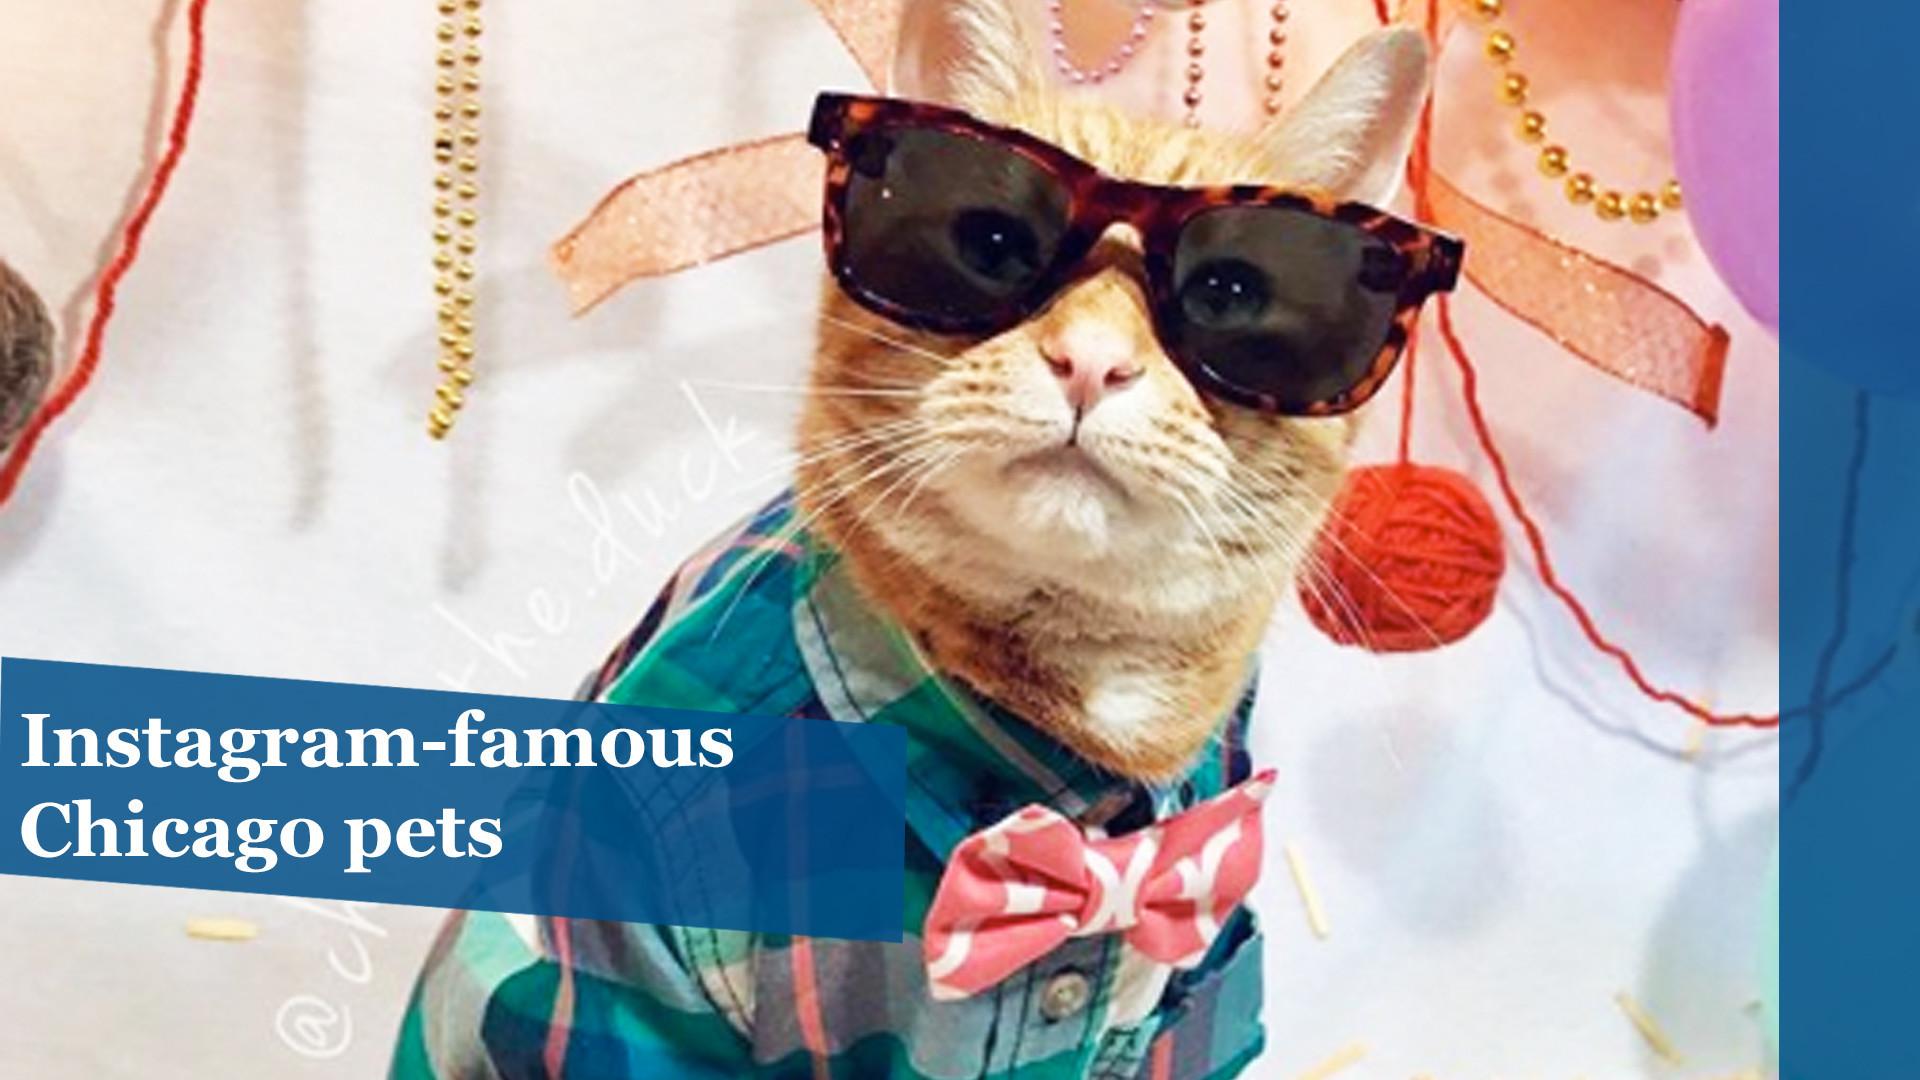 Instagram-famous Chicago pets